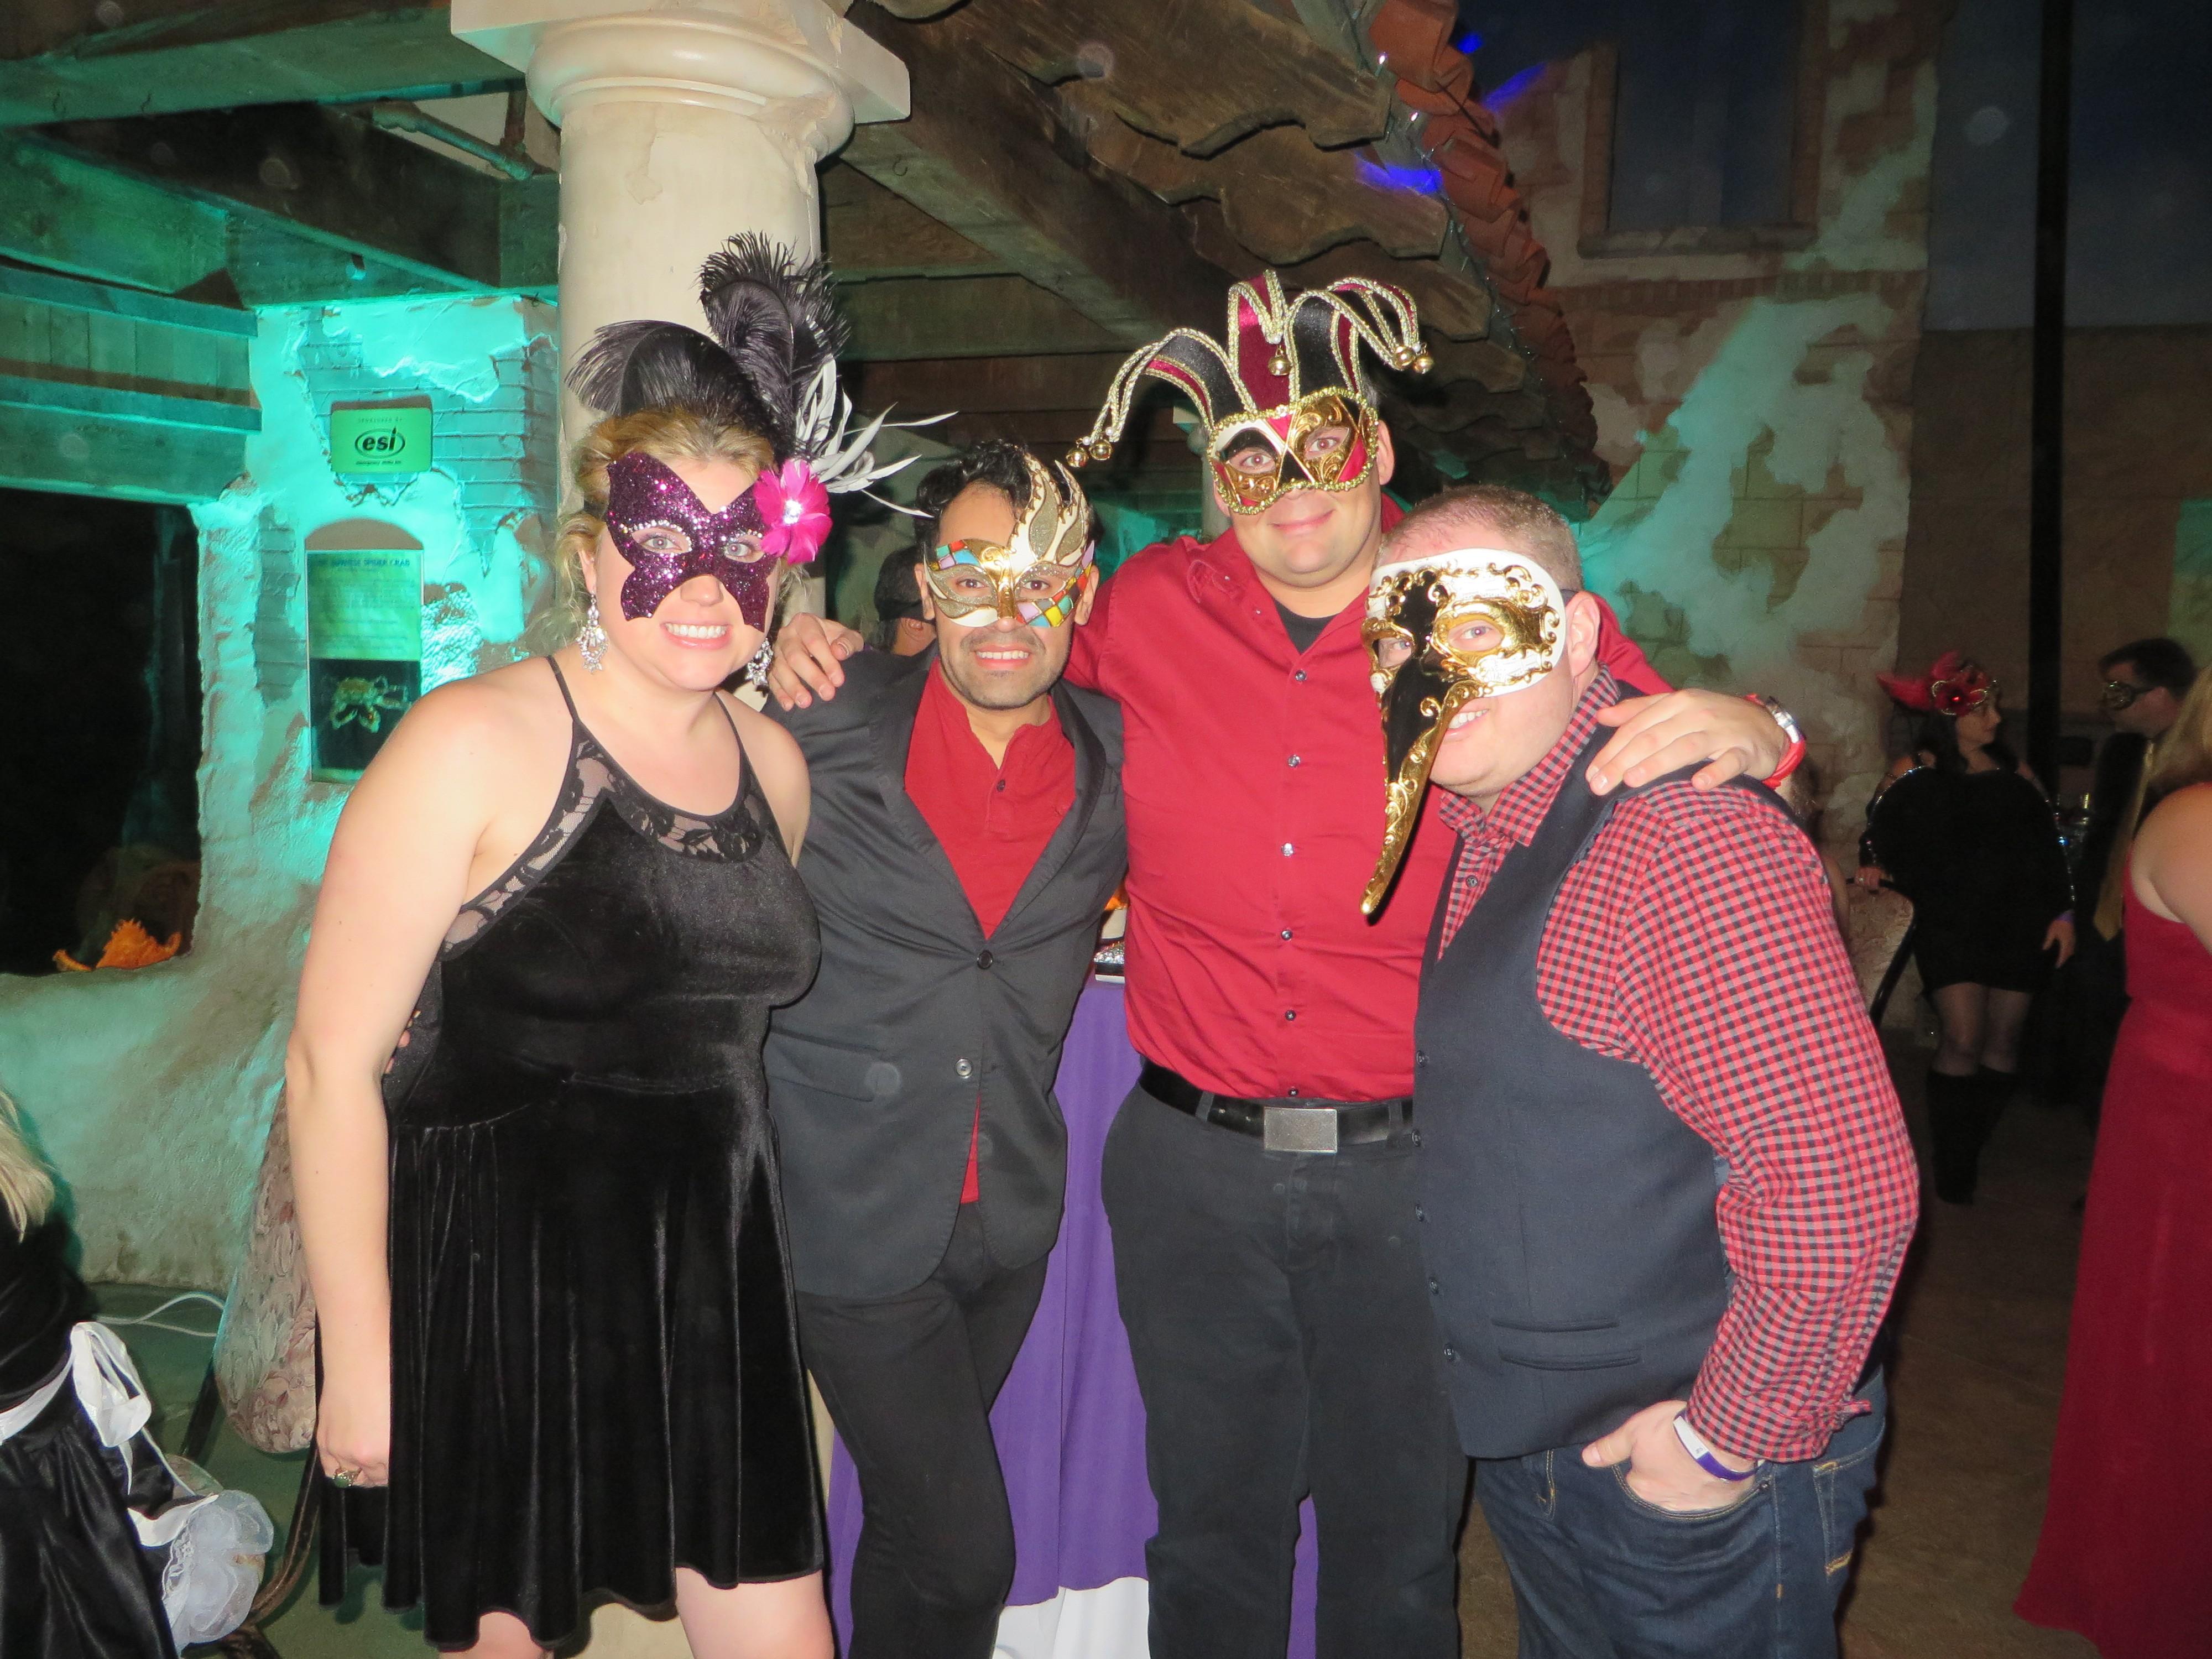 Masquerade Ball at Long Island Aquarium